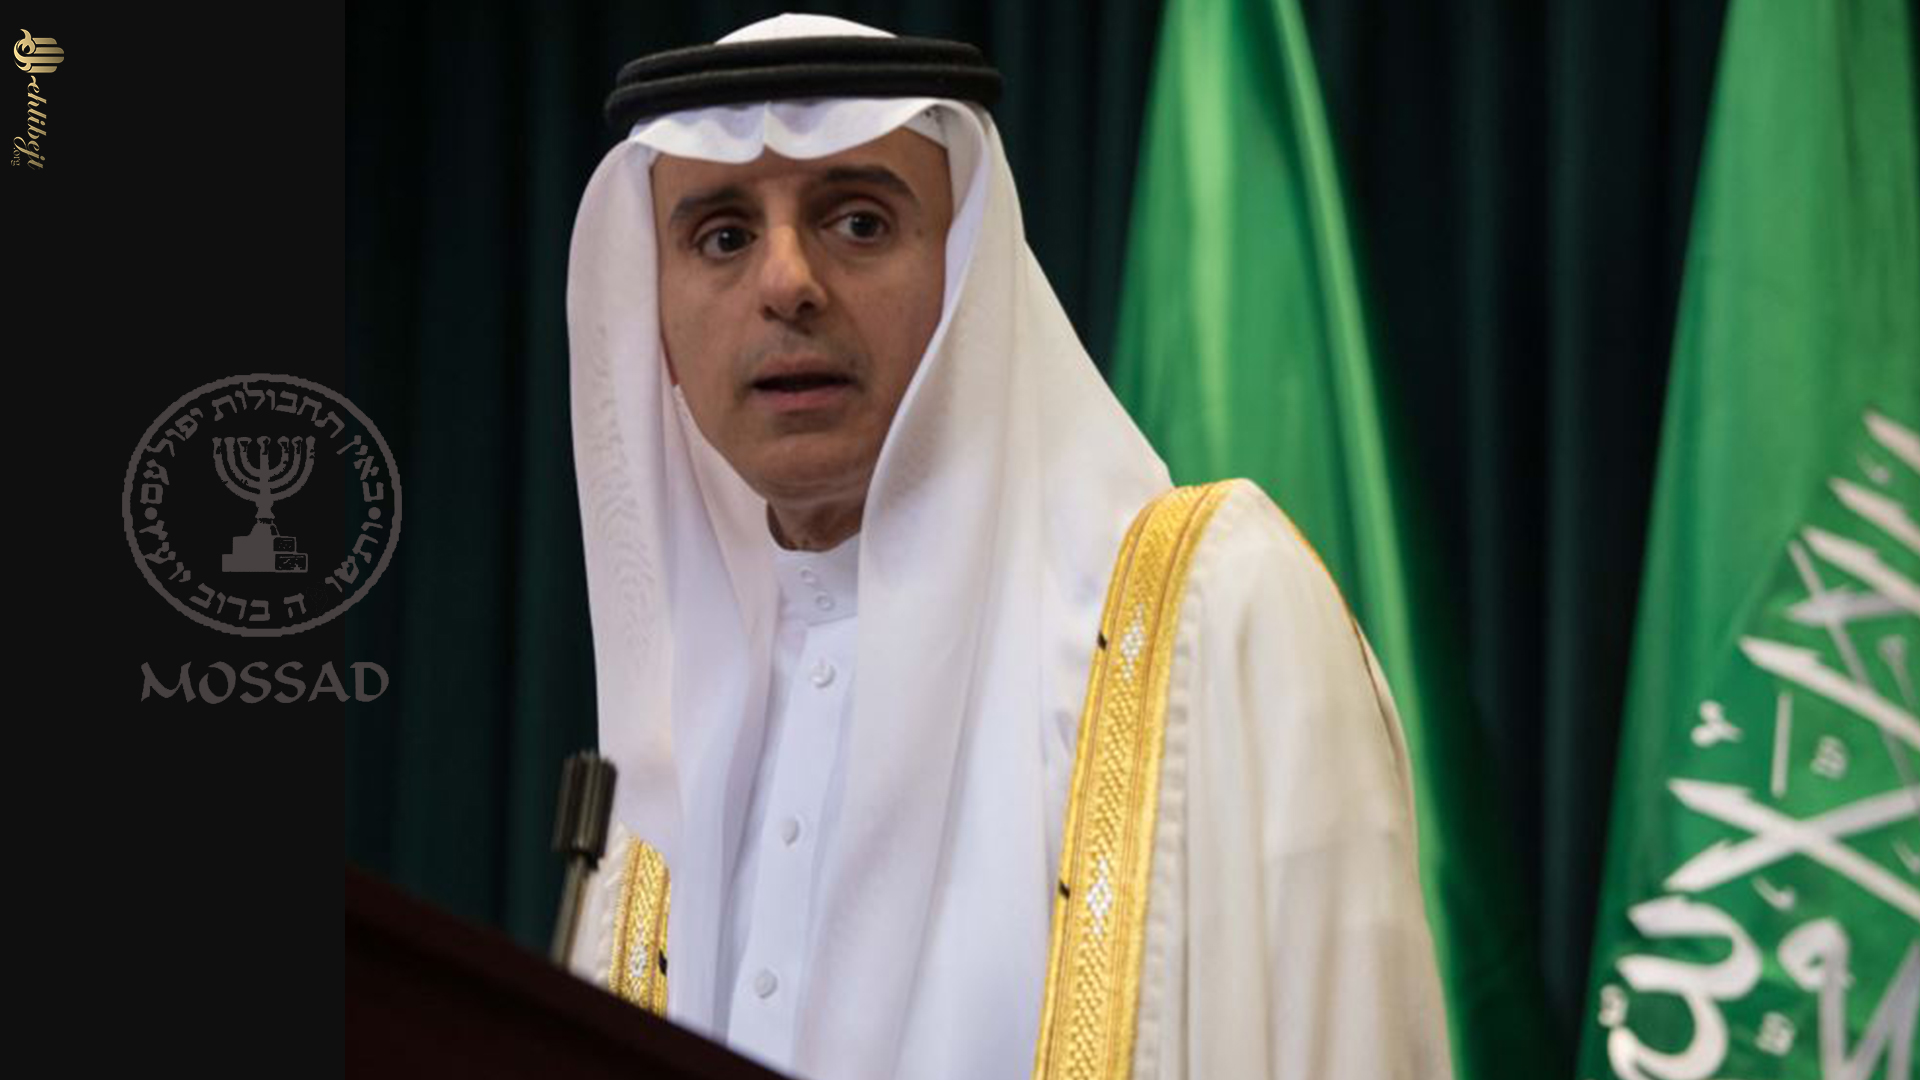 Ko je tajni agent Mossada u saudijskoj vladi?